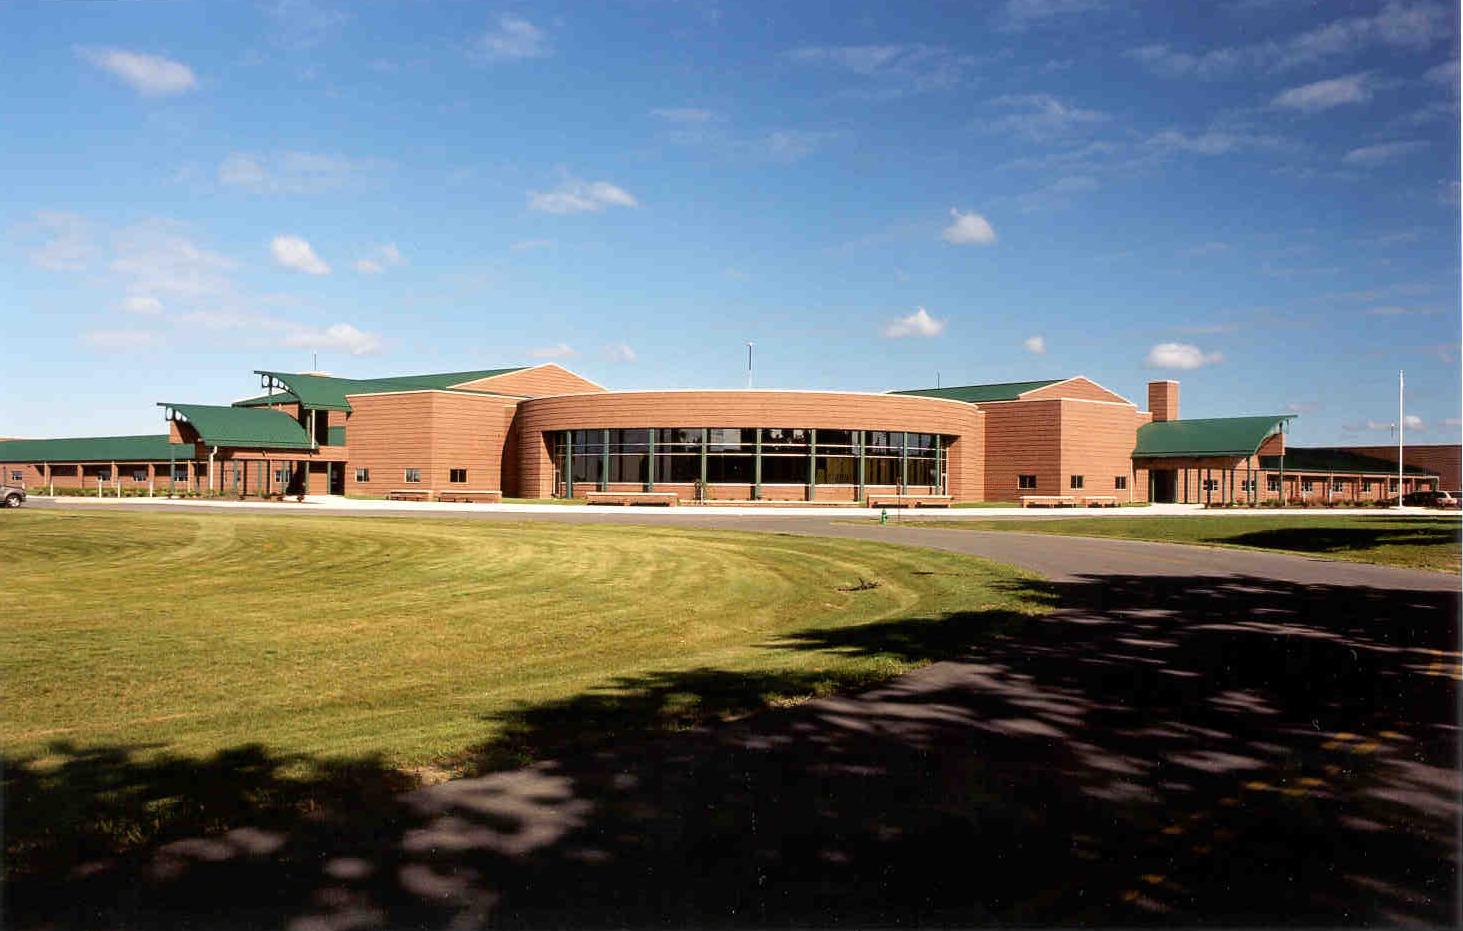 Ottoville K-12 School – Ottoville, Ohio